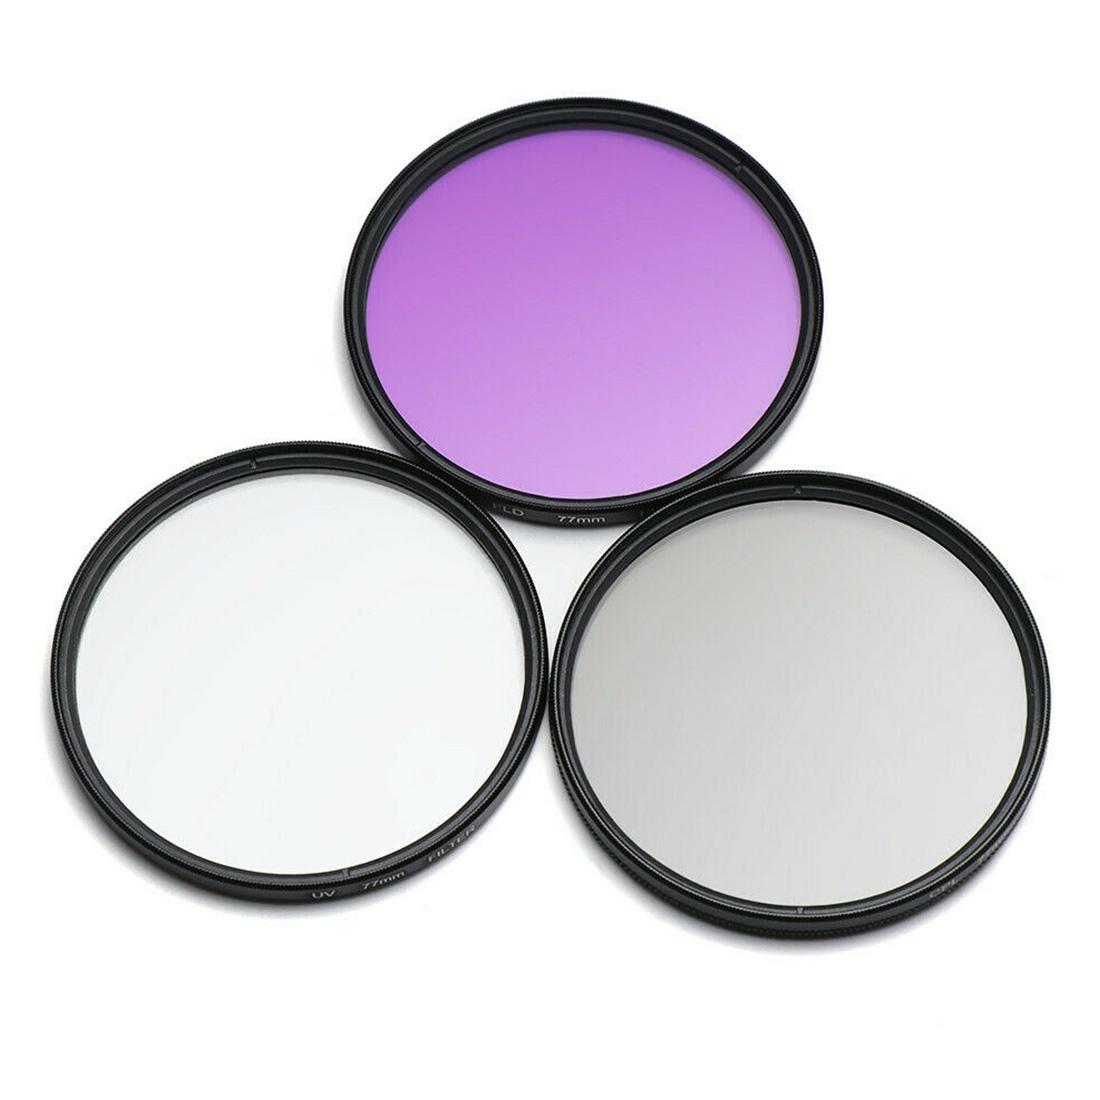 Сумка для хранения UV CPL FLD 3 в 1 объектив SLR Камера Пылезащитная Защита от царапин aeProduct.getSubject()